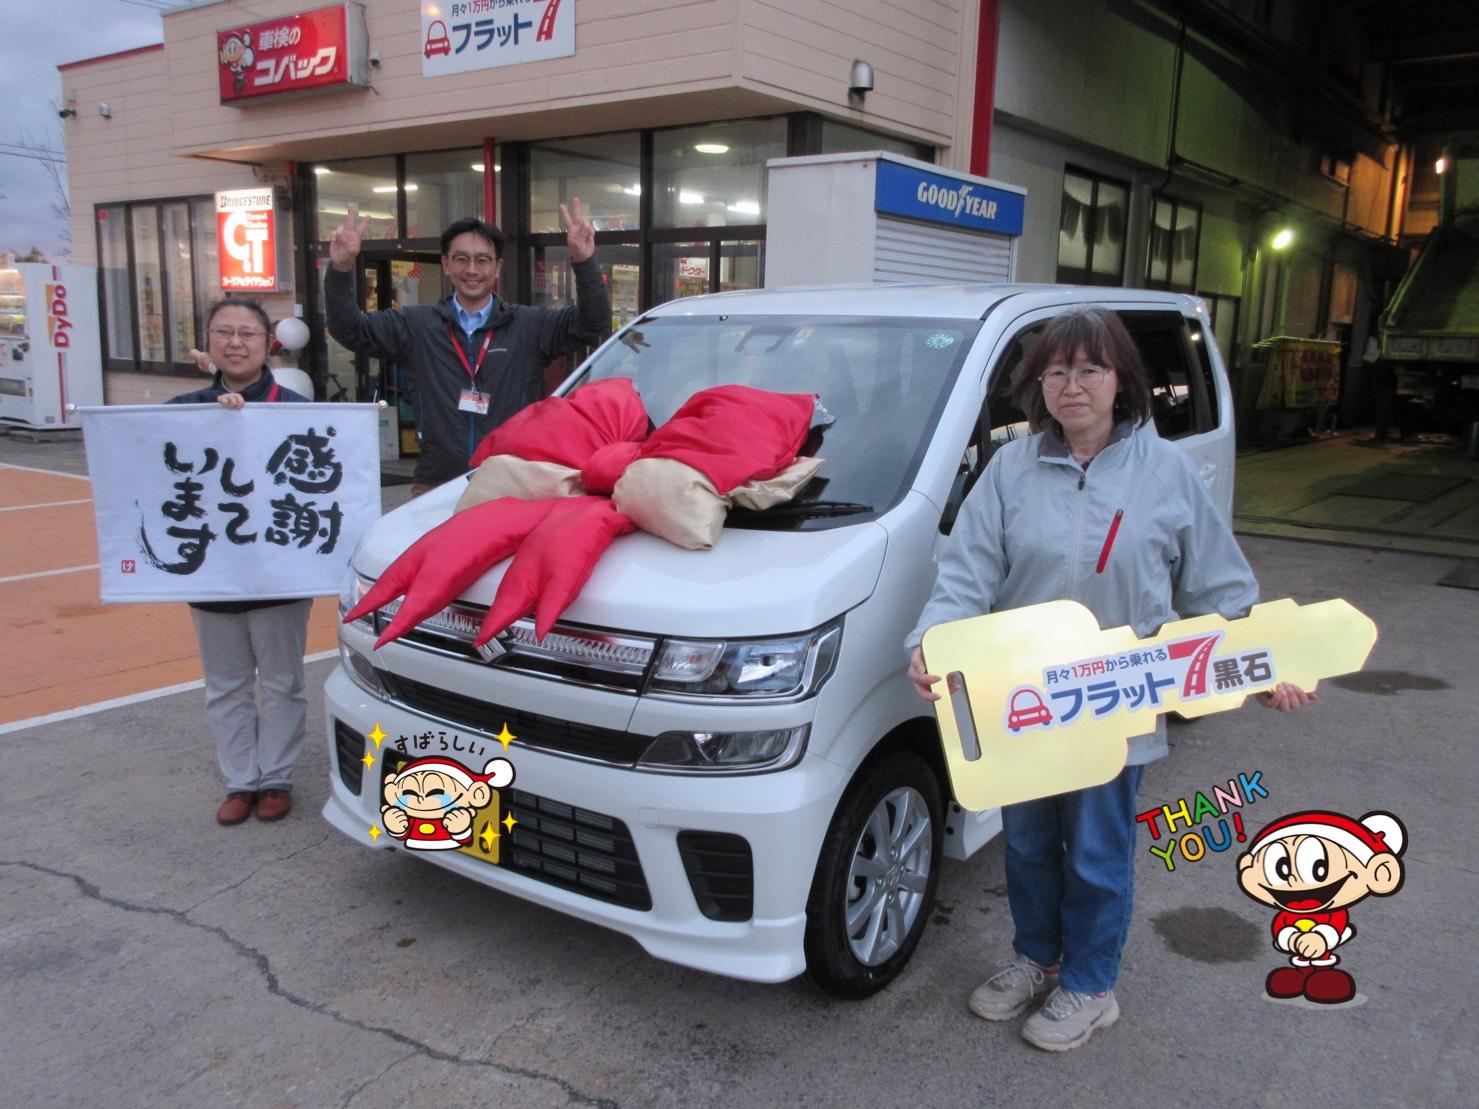 ワゴンRFZ 新車購入 平川市のお客様のイメージ画像|黒石カーリース専門店フラット7黒石